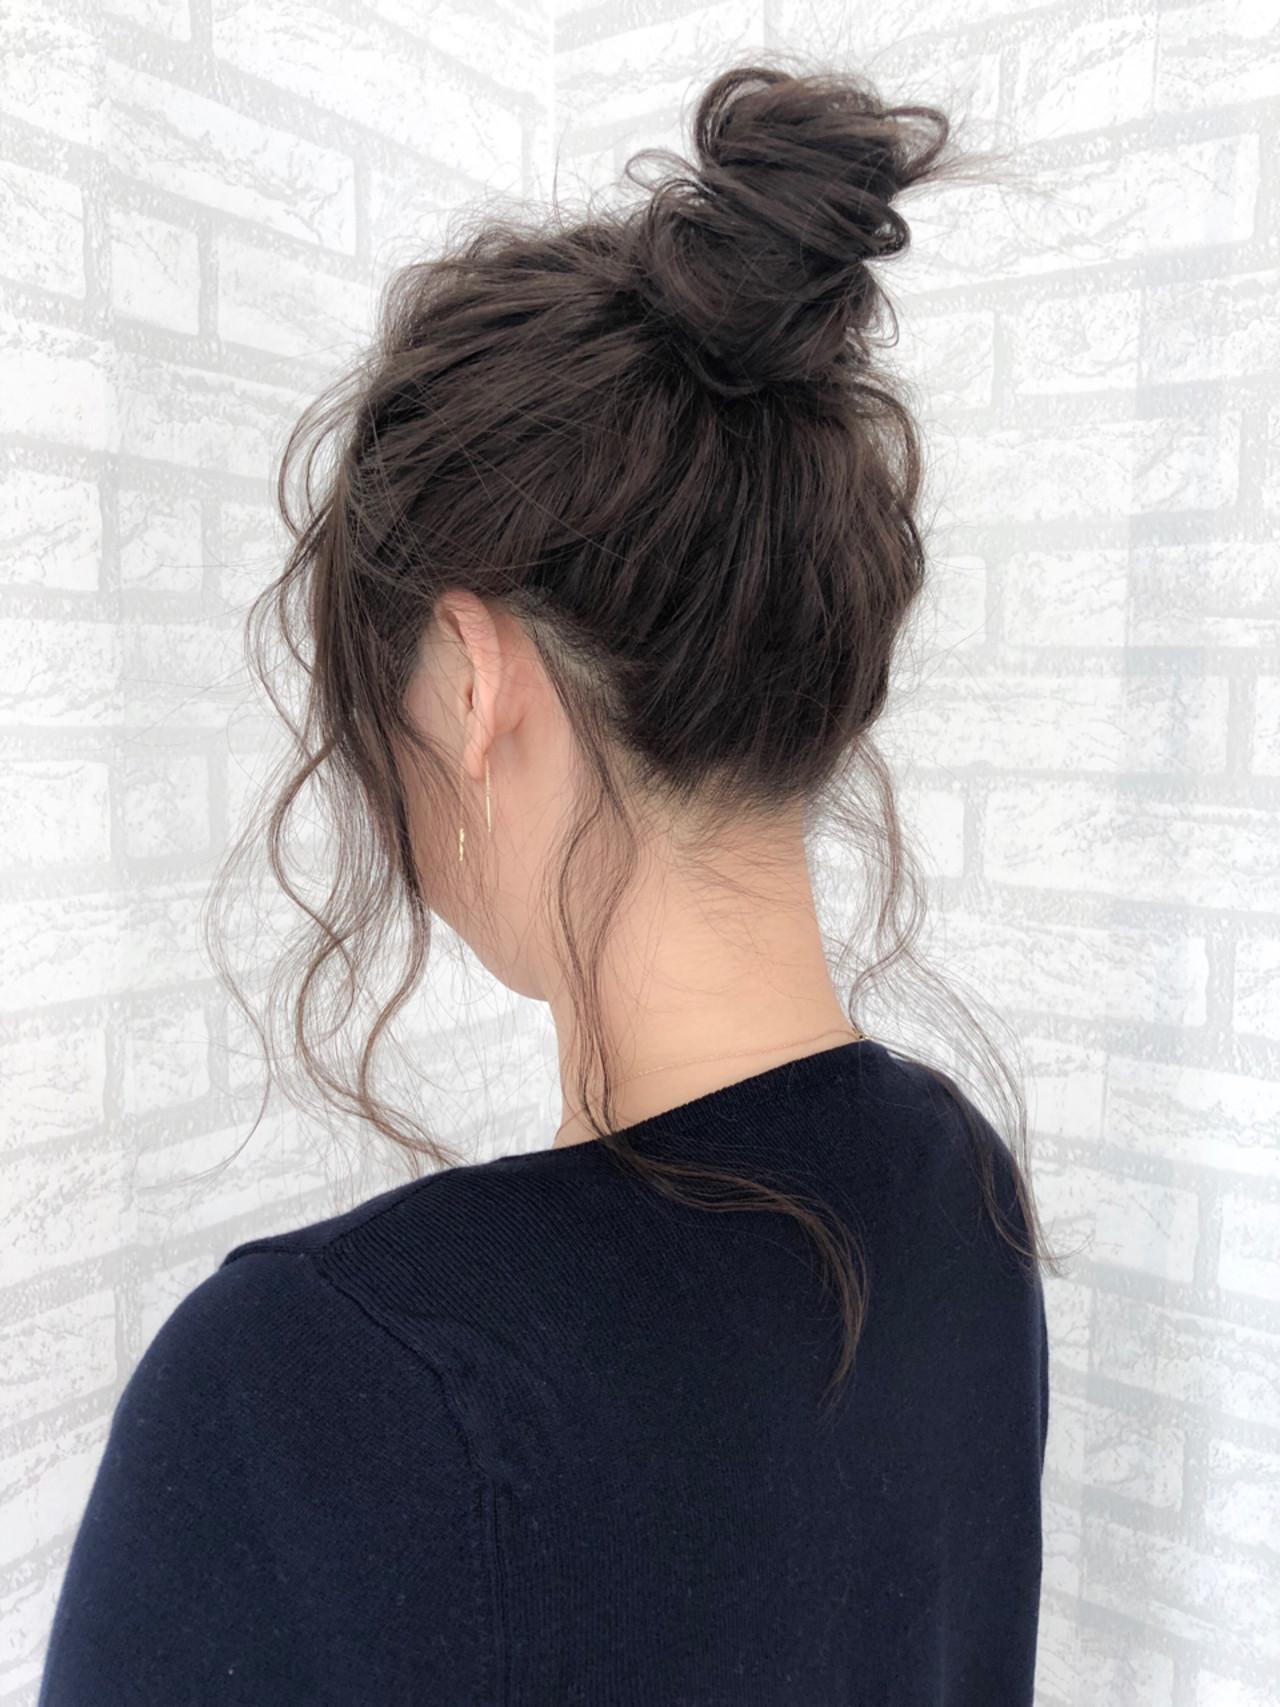 エレガント お団子 セミロング 簡単ヘアアレンジ ヘアスタイルや髪型の写真・画像